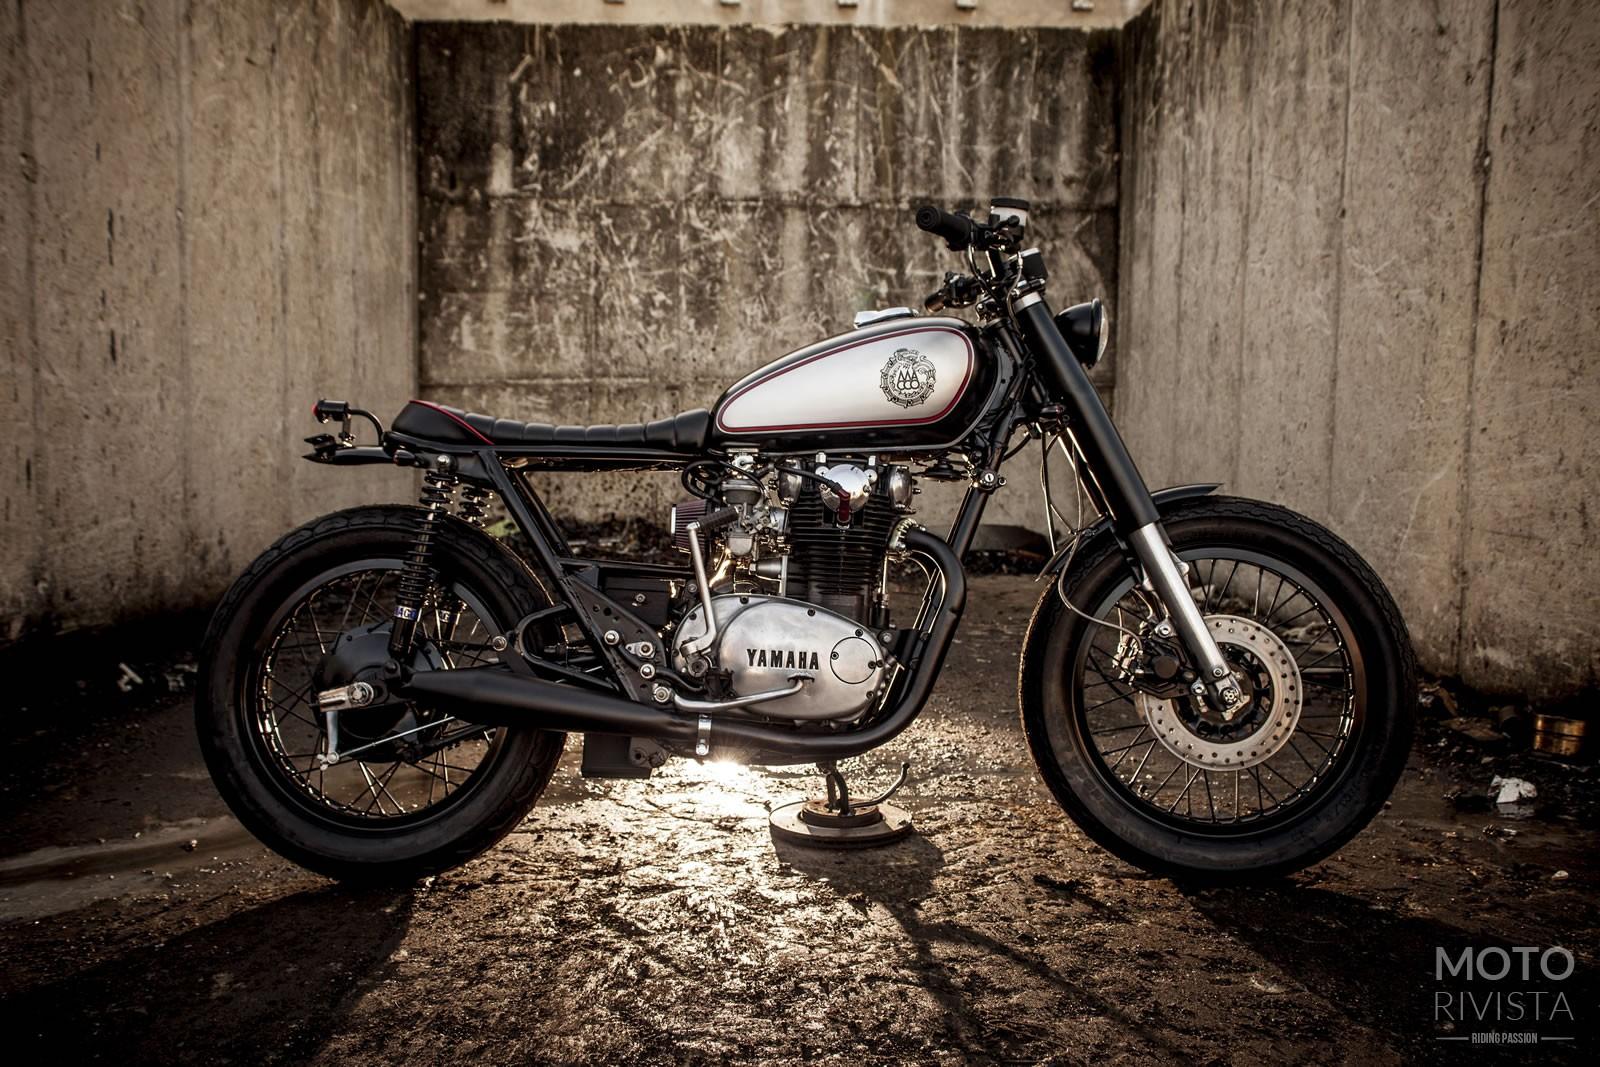 Yamaha XS650 Brat Style Wallpaper